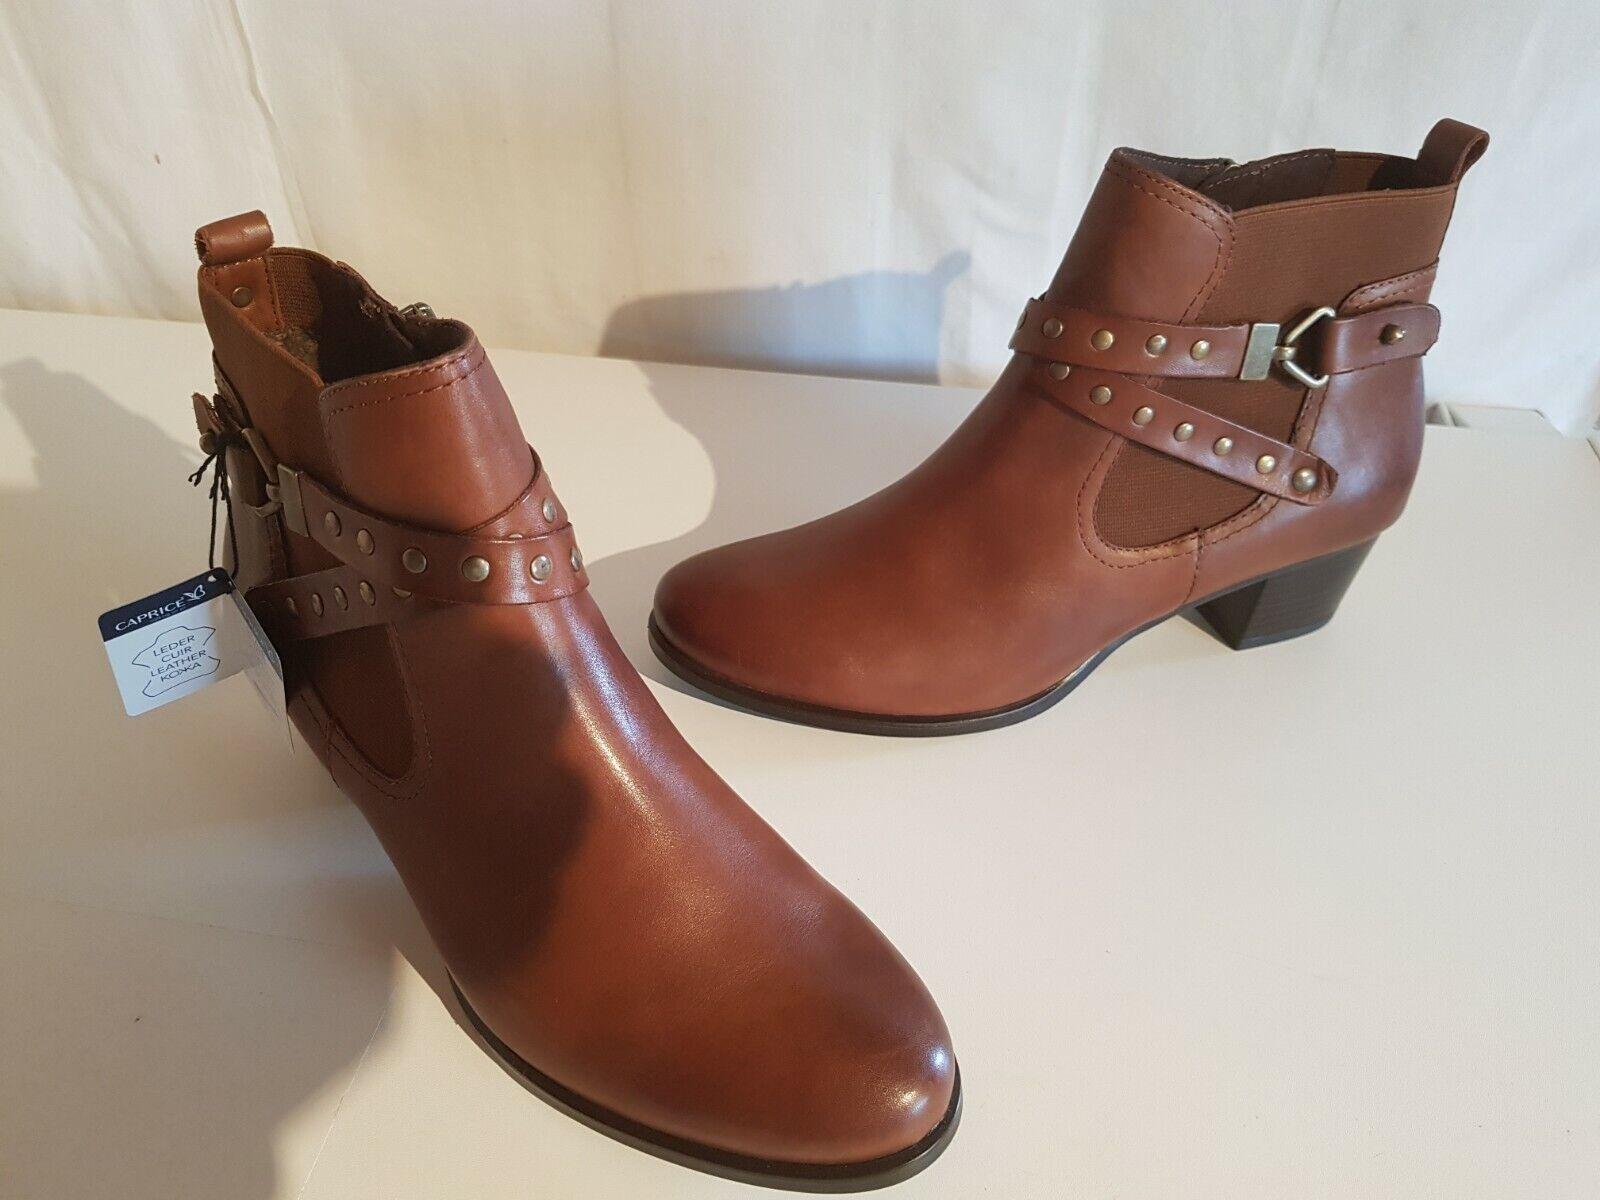 Caprice 9-25322-21 señora botines de cuero Color cognac tamaño 40,5-41 nuevo